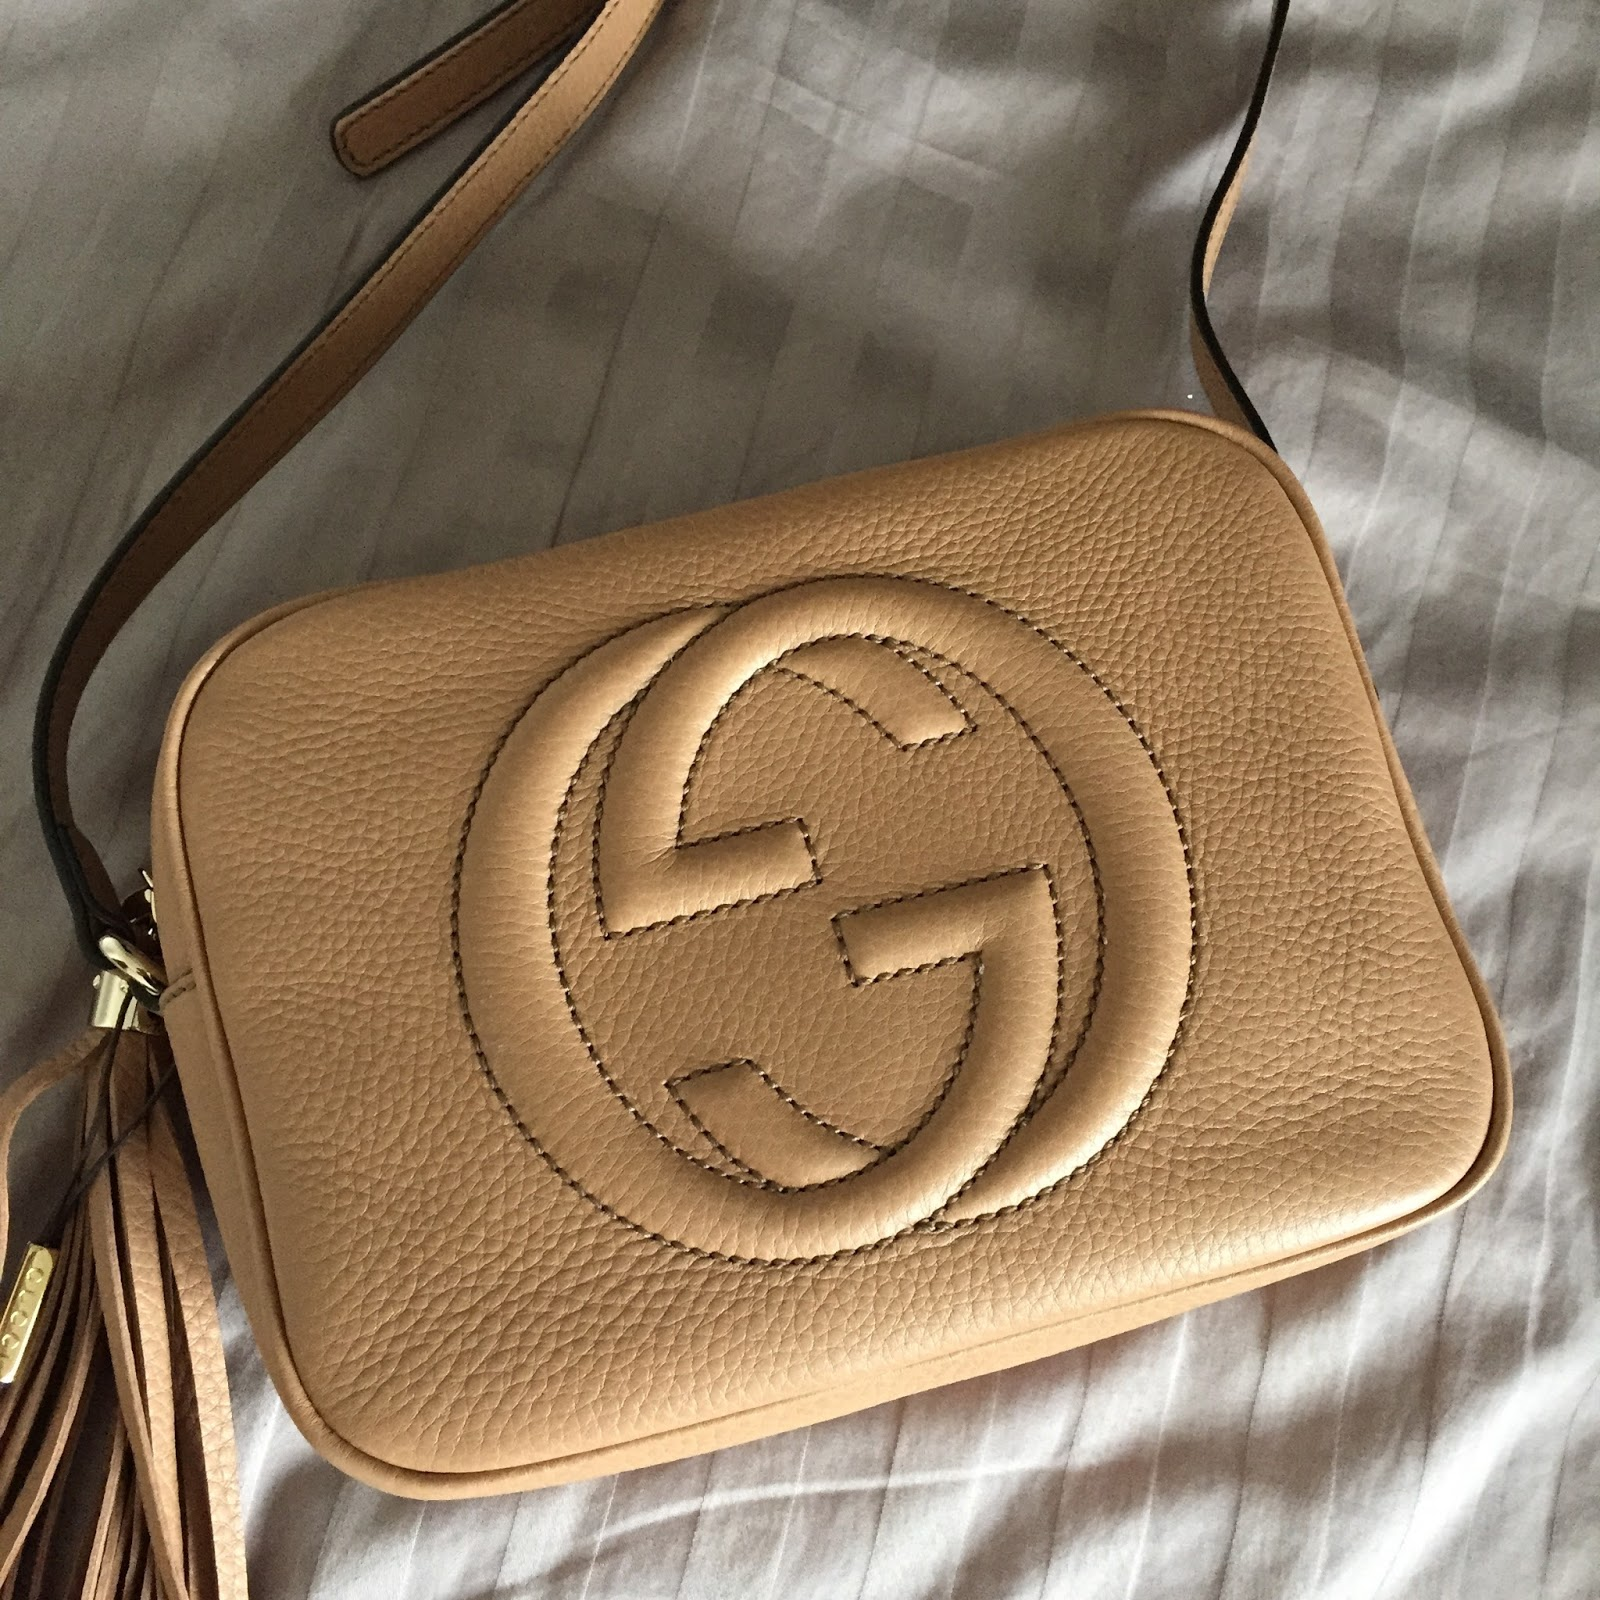 Gucci Soho Disco Shoulder Bag Jemjemr Loves